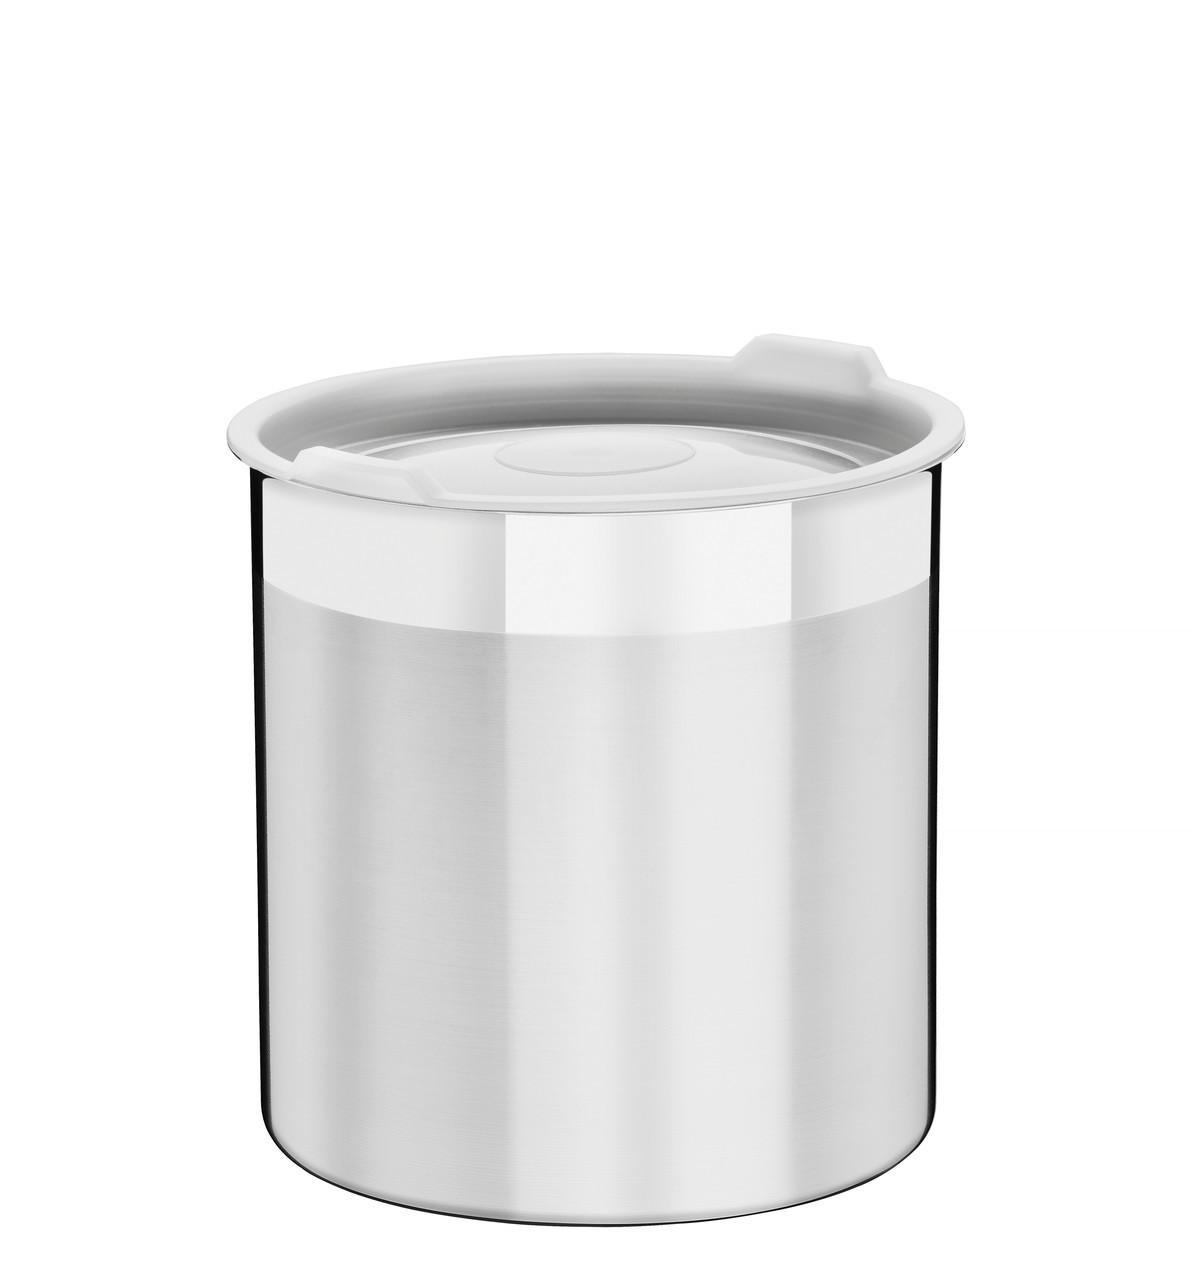 Емкость кухонная с крышкой стальная 12см 1,5л  Cucina Tramontina